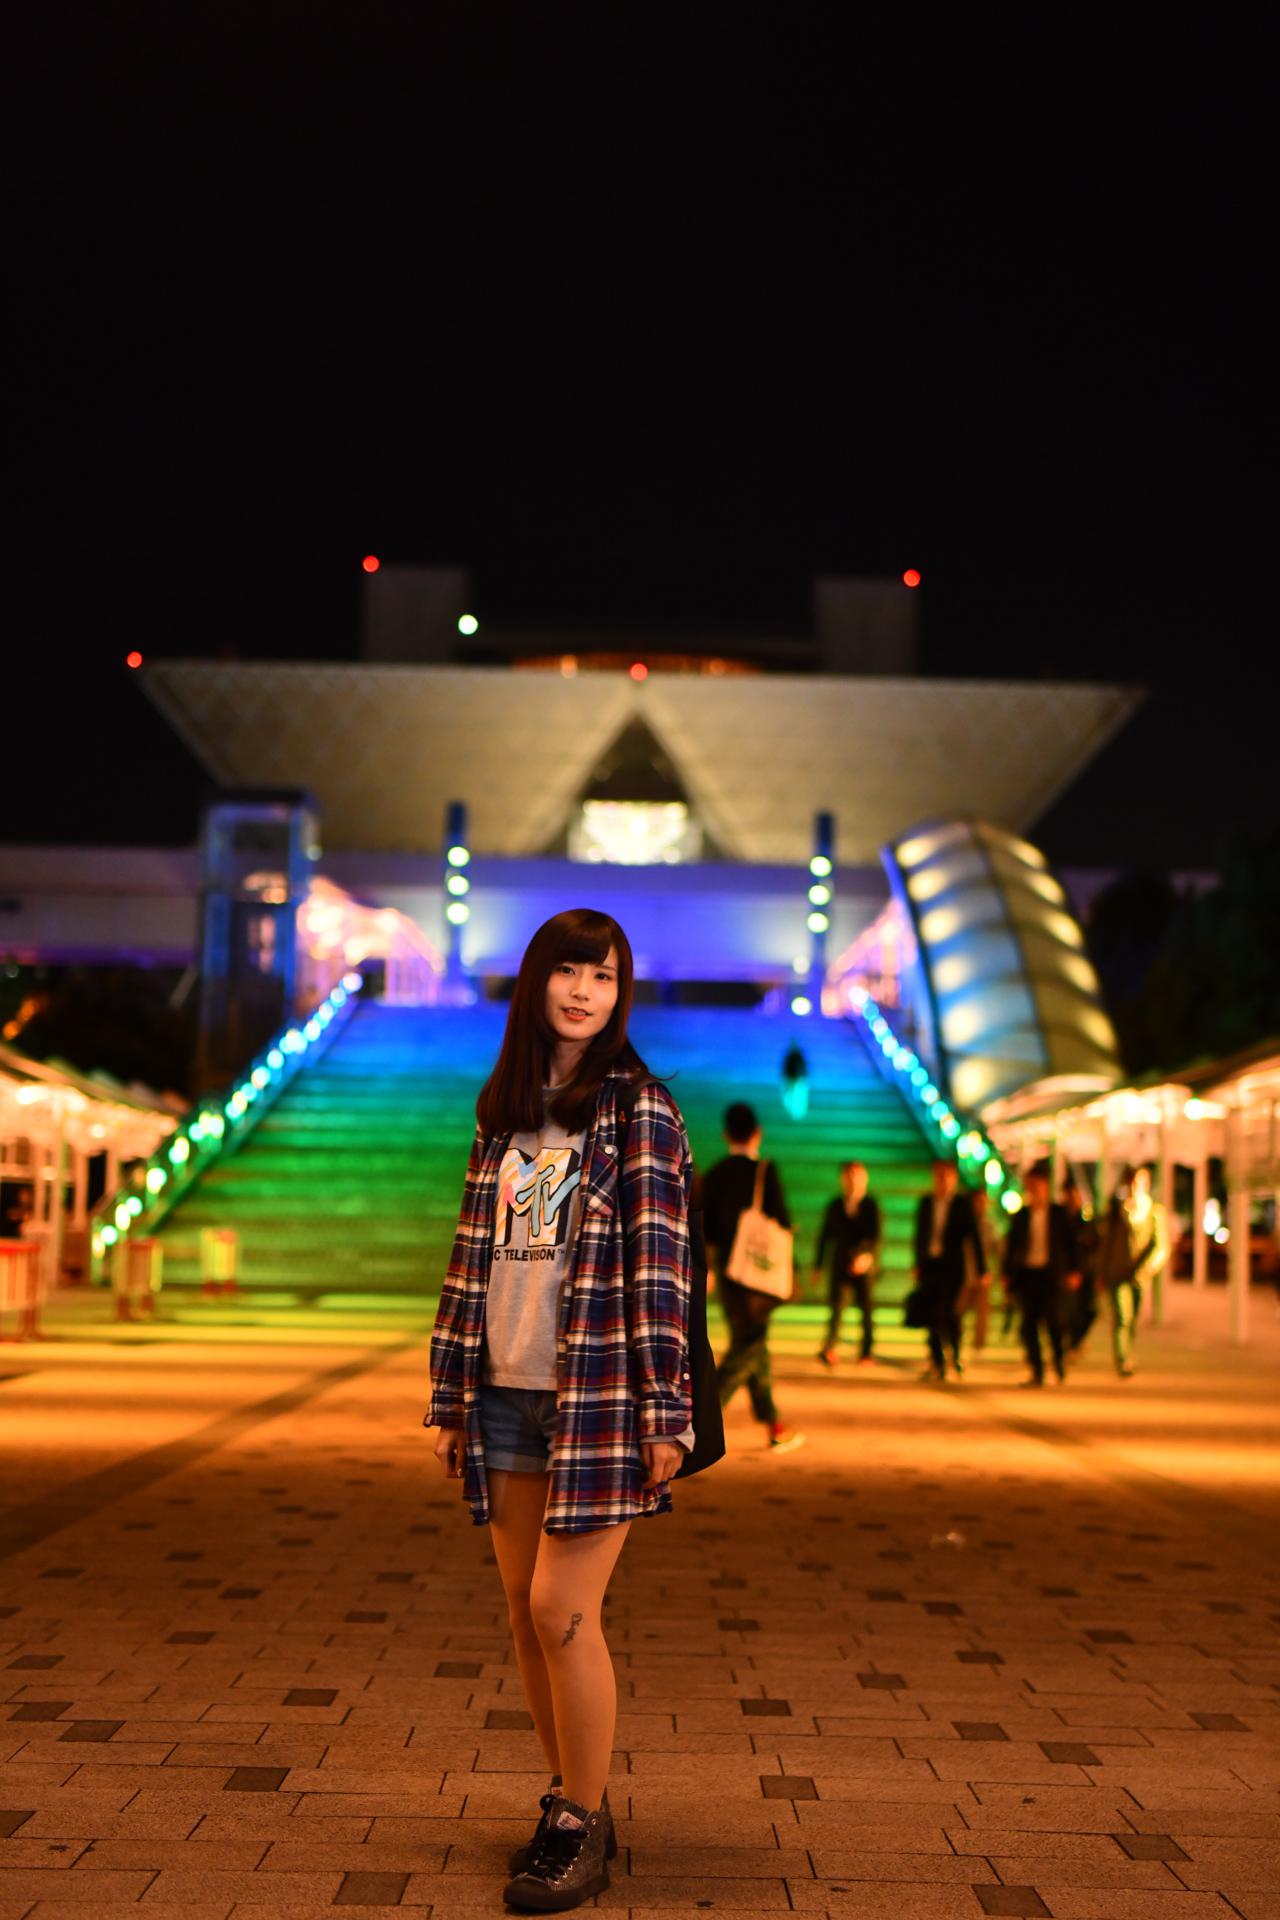 国際展示場 ビッグサイト こめくら Nikon D850